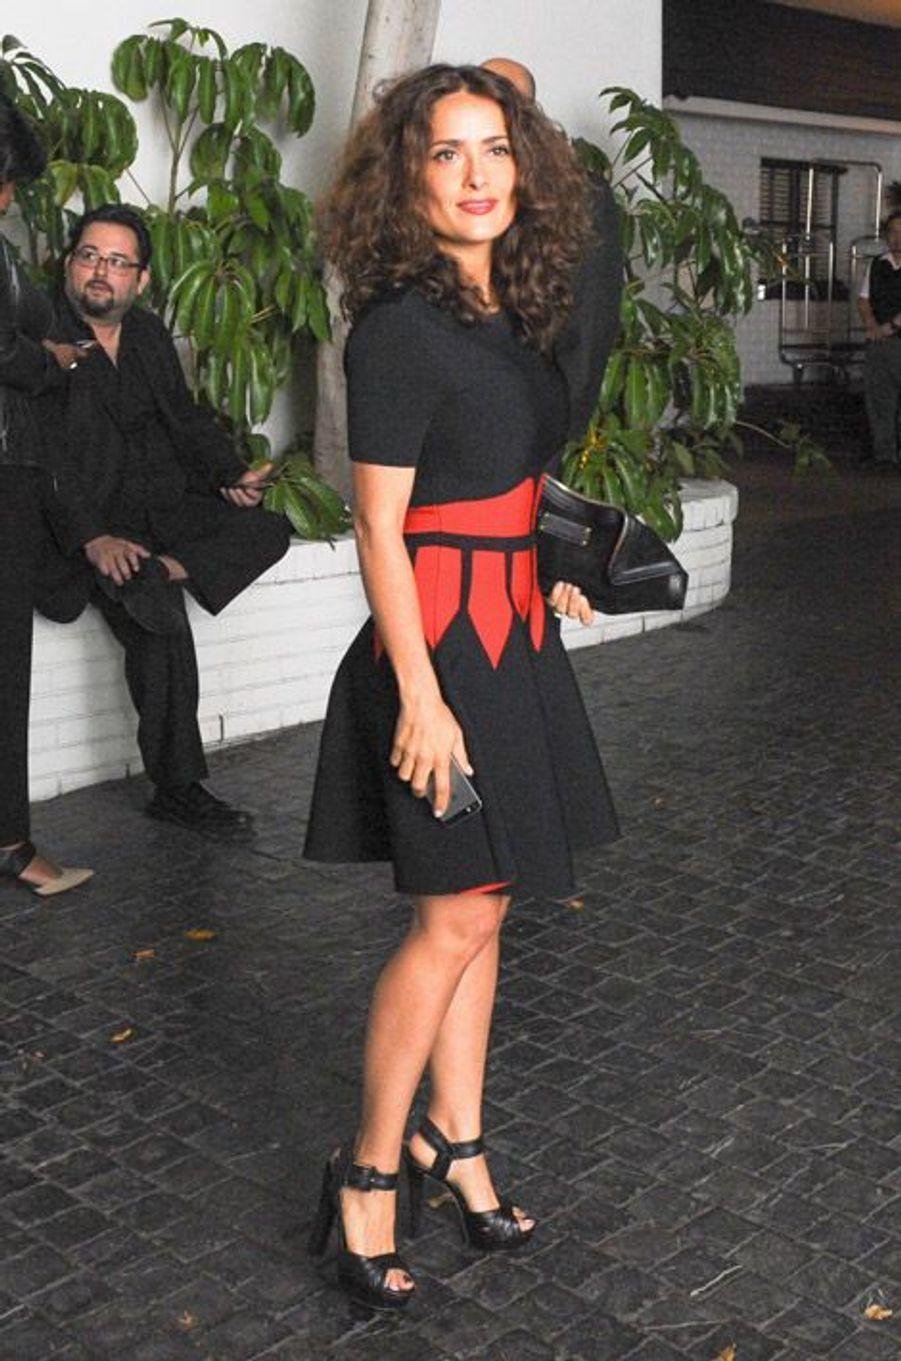 Salma Hayek lors de la soirée W Magazine organisée avant la cérémonie des Golden Globes, le 8 janvier 2015 à Los Angeles